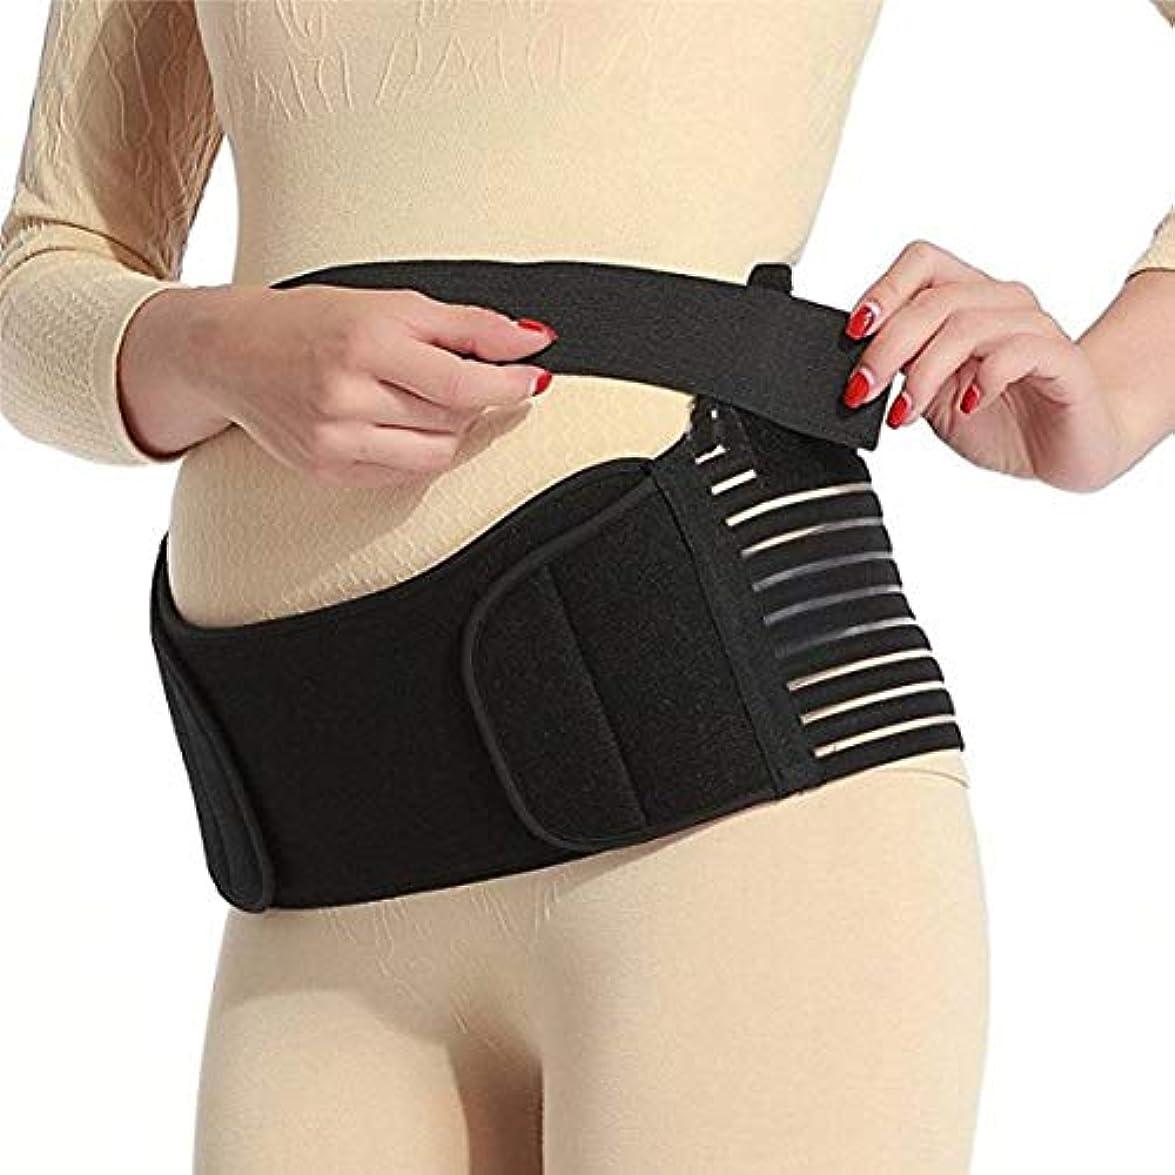 コンチネンタル眠りドキュメンタリー通気性マタニティベルト妊娠中の腹部サポート腹部バインダーガードル運動包帯産後の回復shapewear - ブラックM